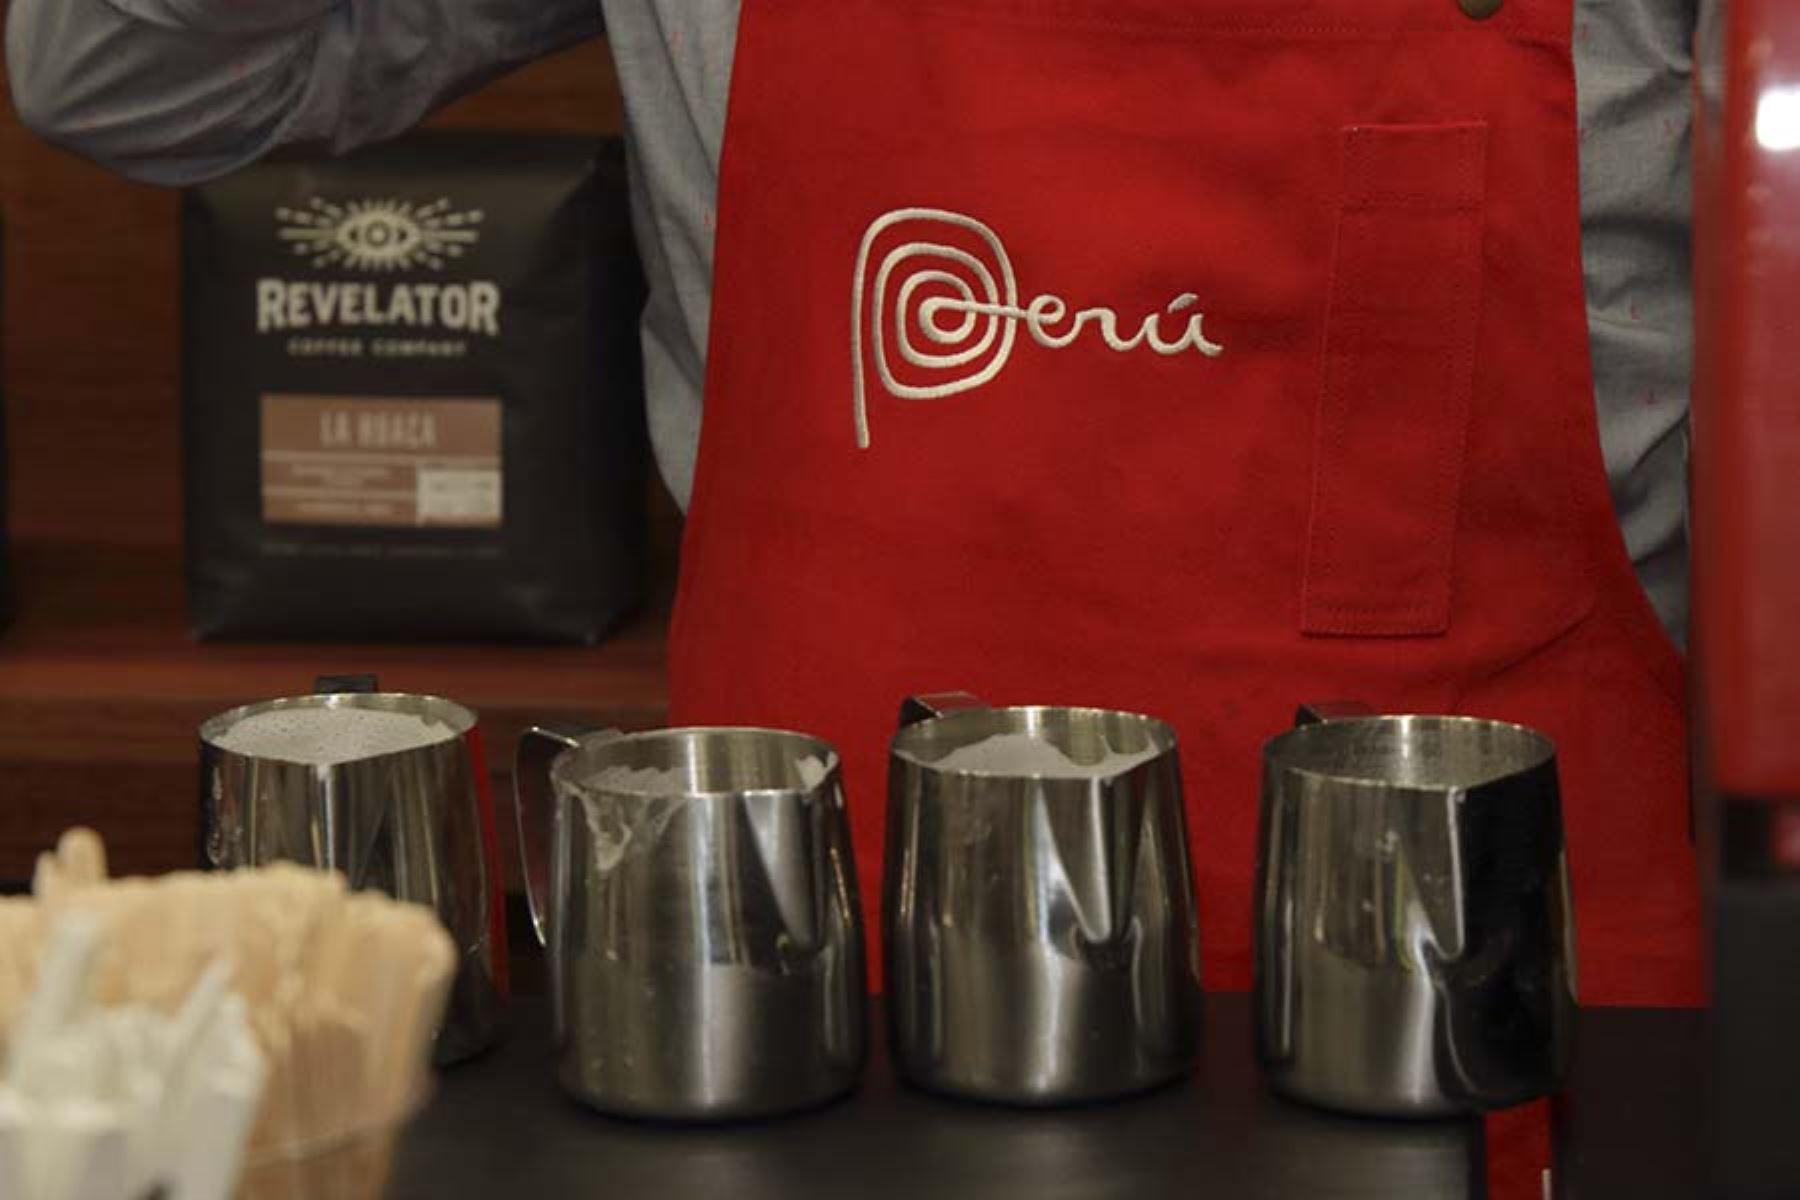 La Organización Internacional del Café (ICO) revela que la exportación de café se elevó en 12.1% en enero de 2018. Foto: Promperú